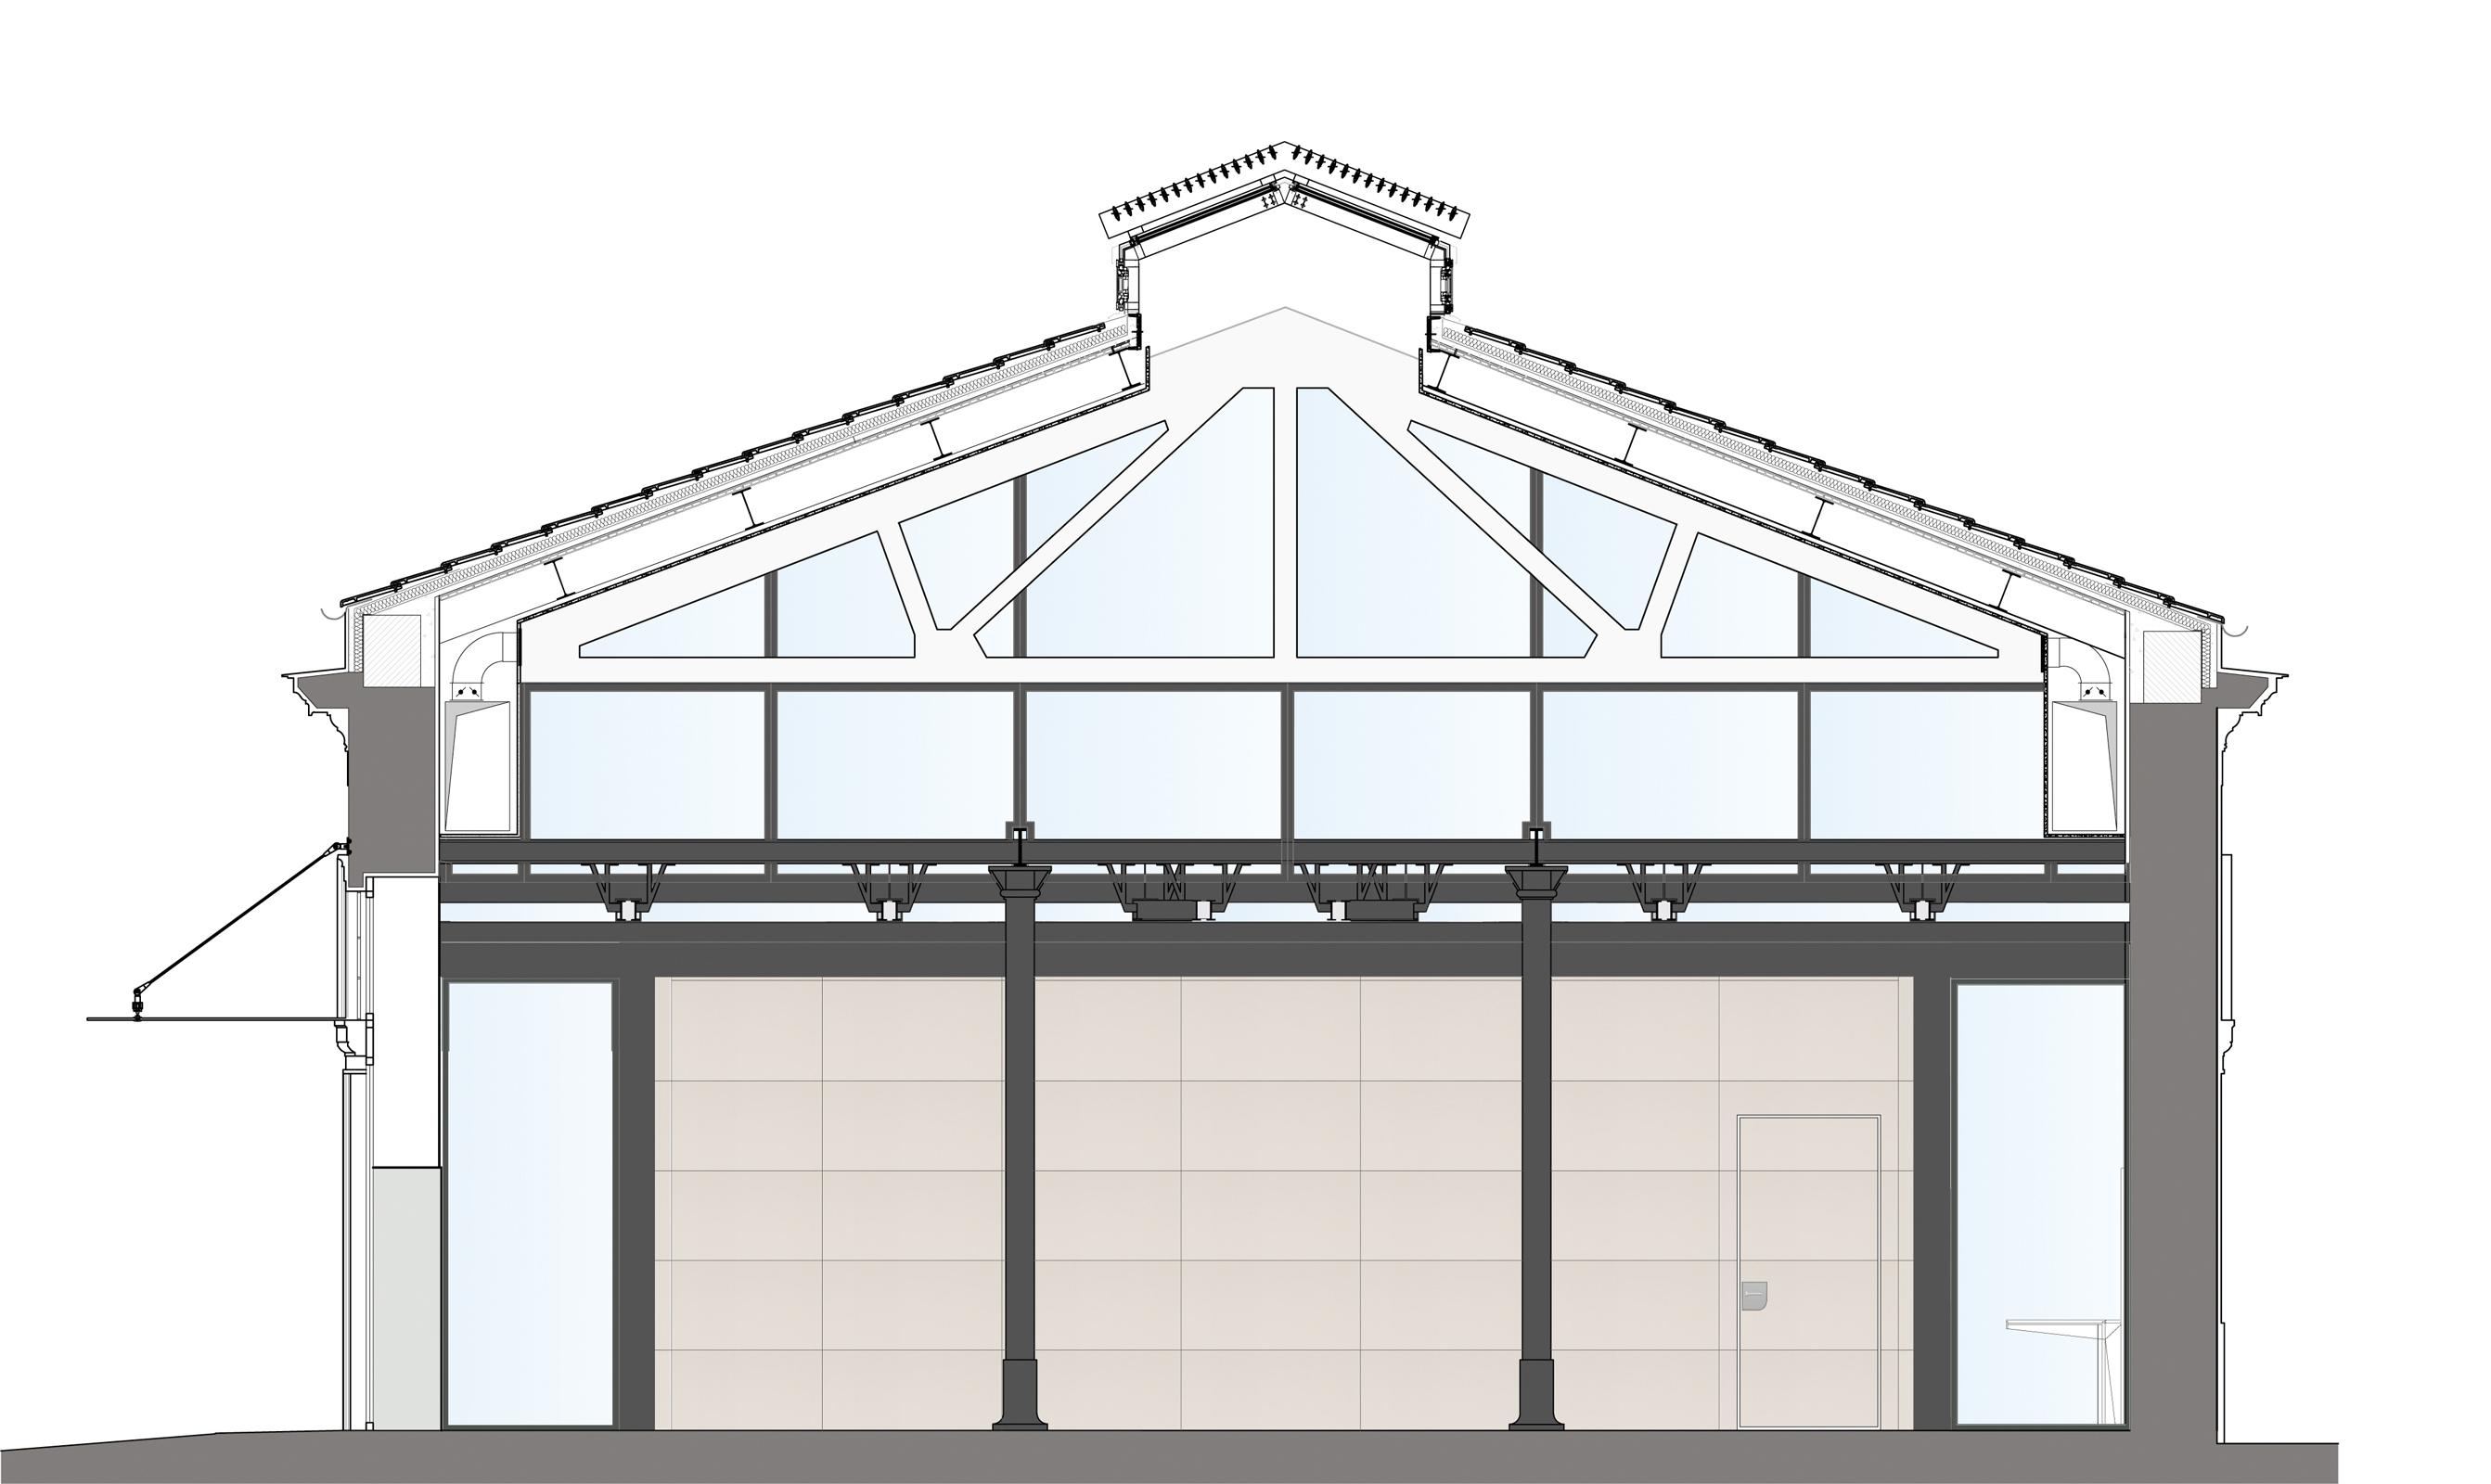 Padiglione 2b facolta di architettura roma tre for Architettura e design roma